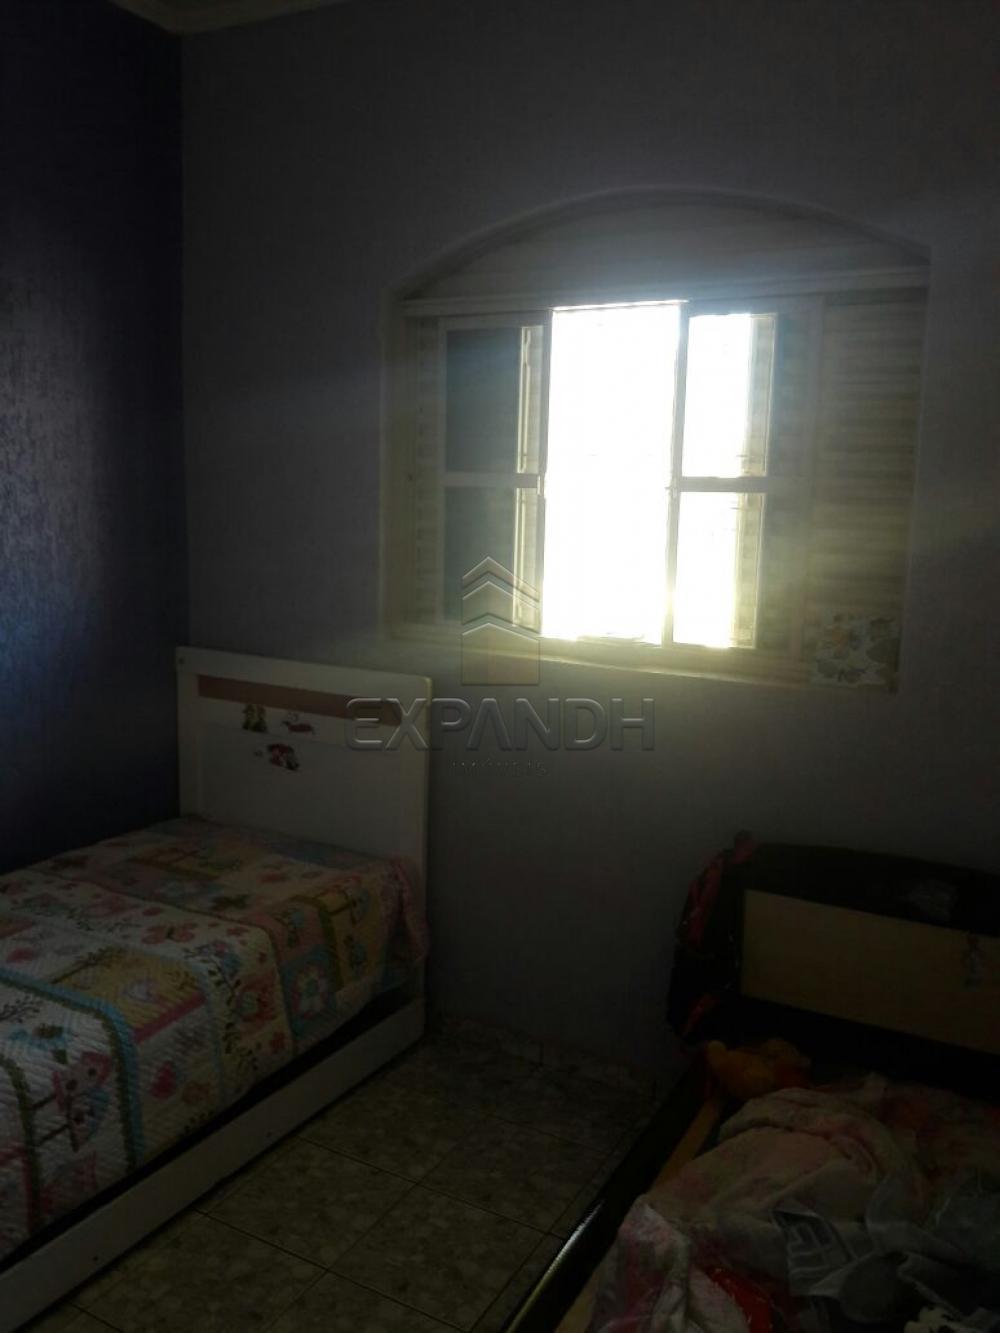 Comprar Casas / Padrão em Sertãozinho R$ 285.000,00 - Foto 4